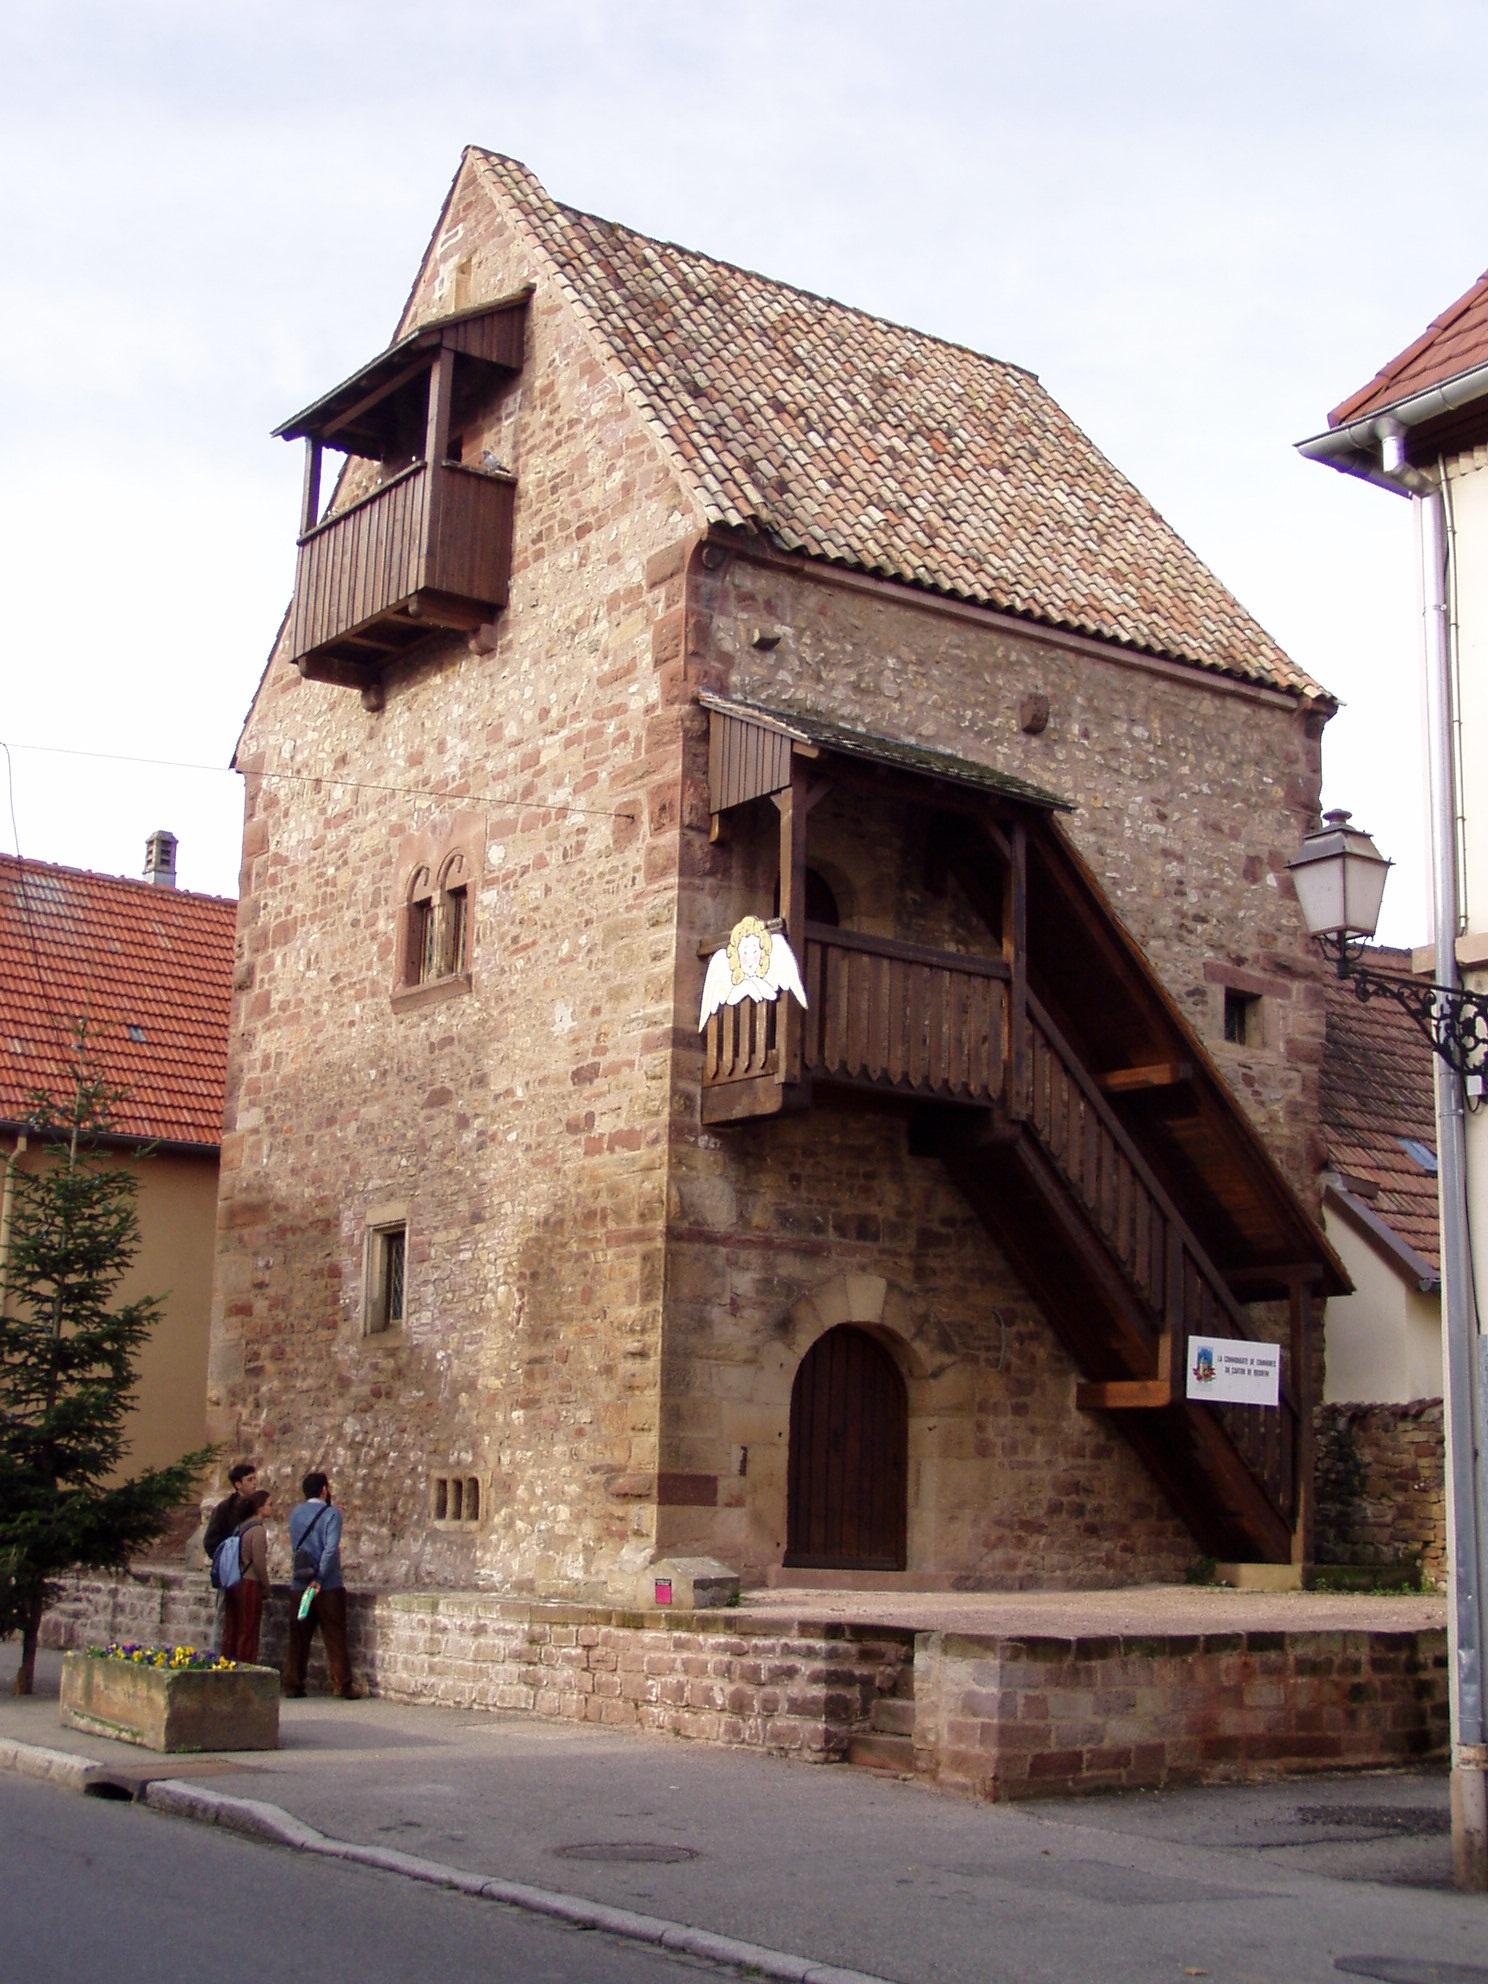 Maison romane de rosheim wikip dia - Maison en prefabrique france ...